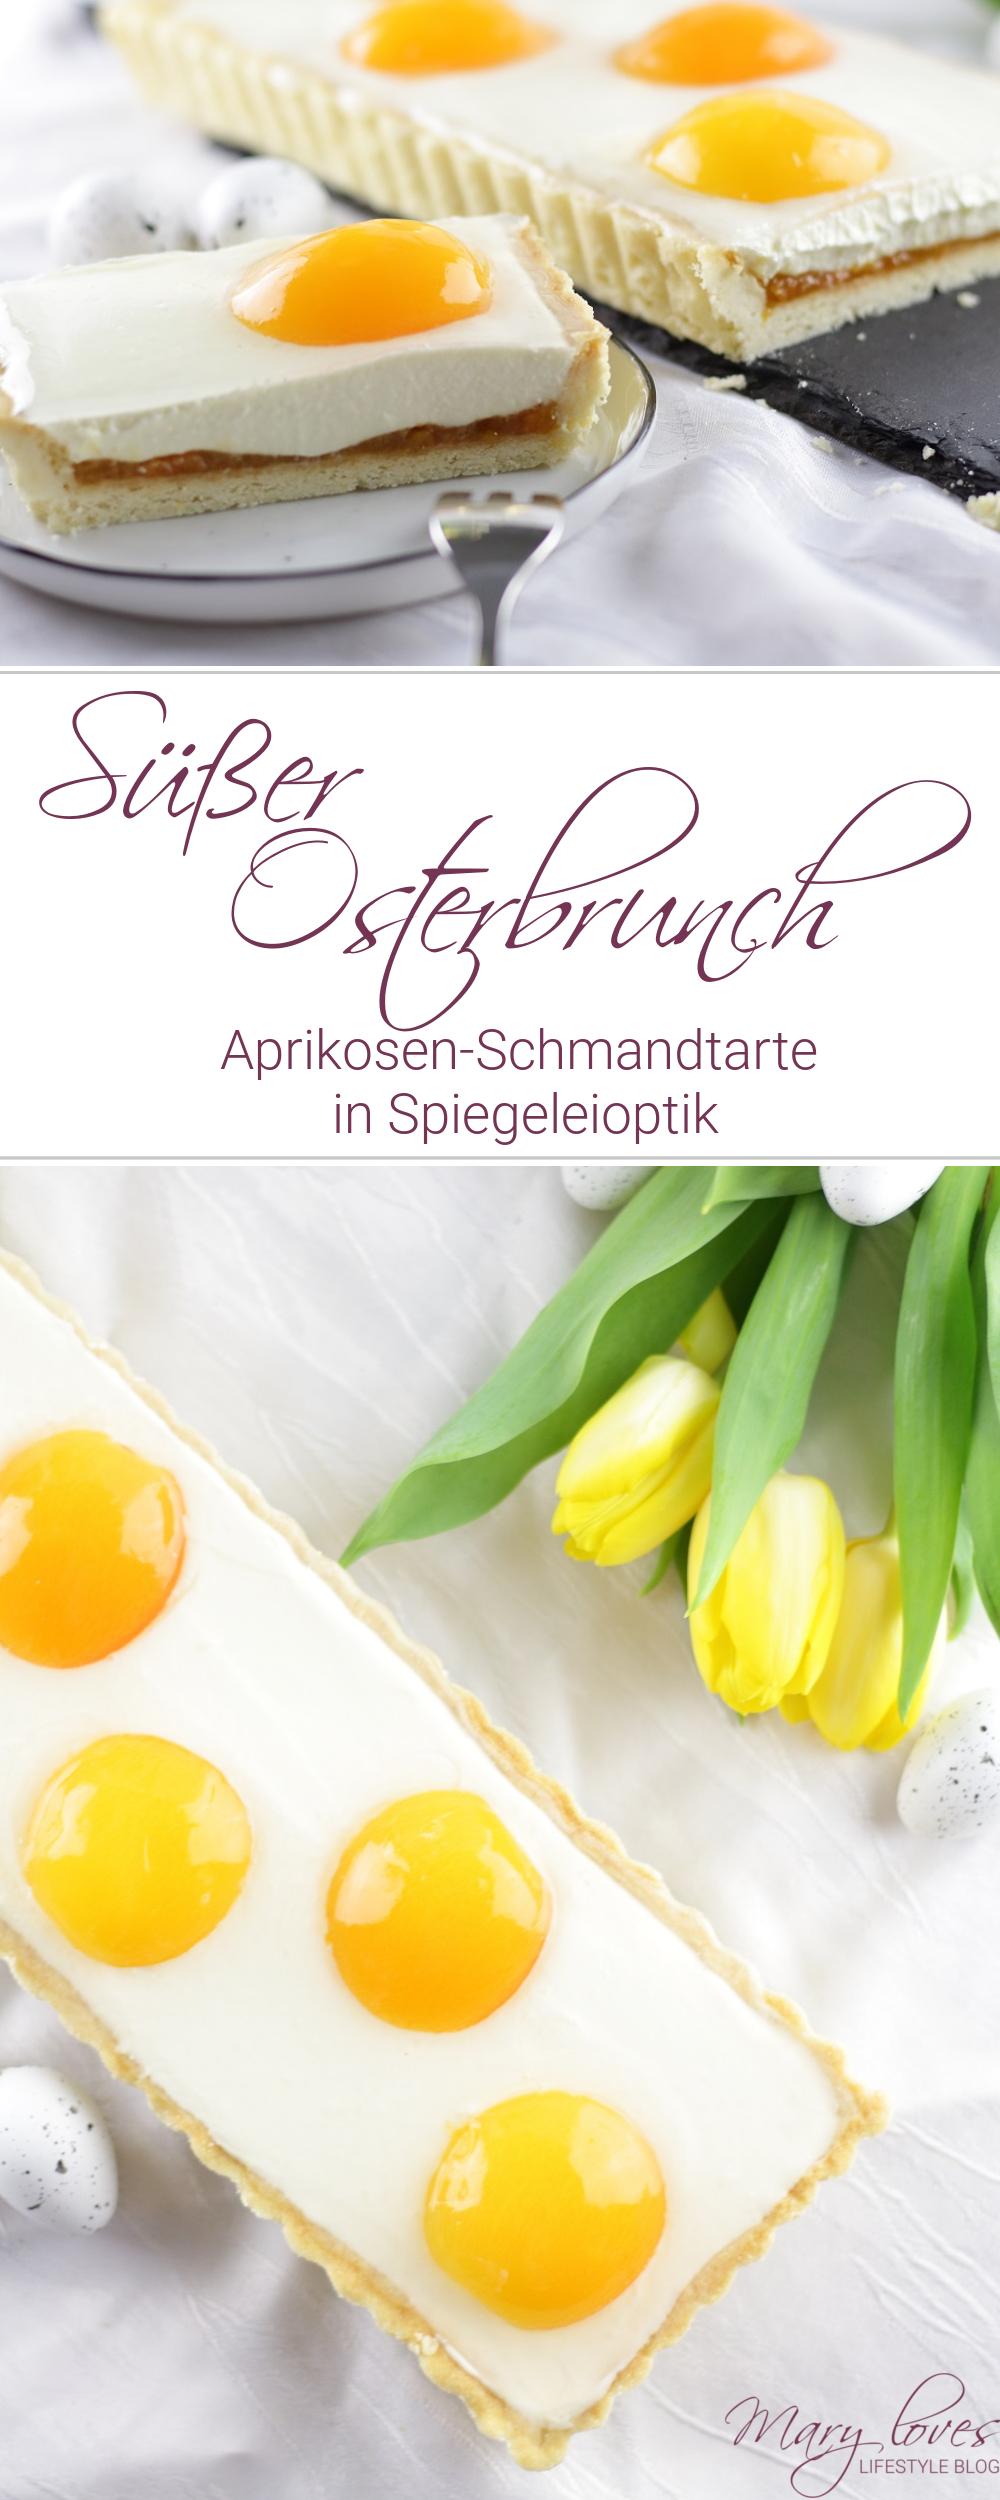 [Anzeige] Süßer Osterbrunch - Aprikosen-Schmandtarte in Spiegeleioptik - #ostern #osterbrunch #tarte #ostertarte #aprikosentarte #spiegeleitarte #osterkuchen #osterbacken